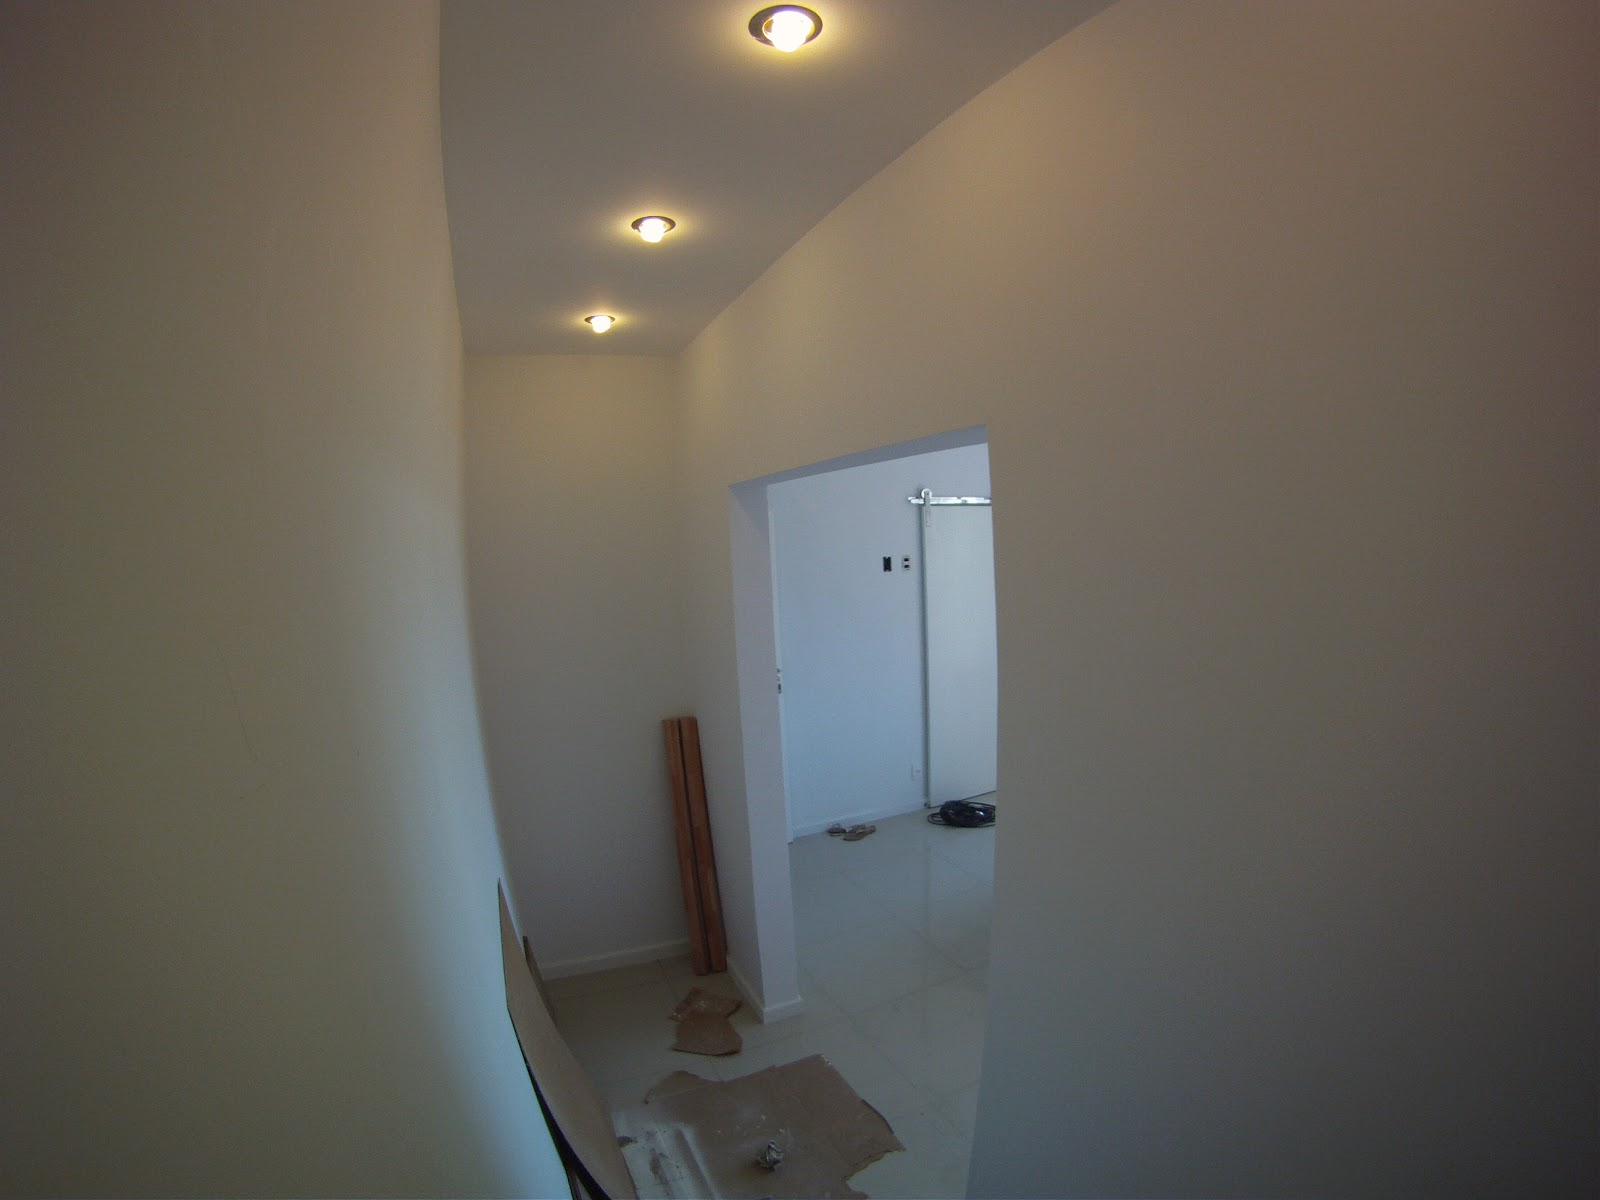 Imagens de #9F7E2C GoPro Fisheye: Imagens da Reforma! Um dia no Apê (a reforma)! 1600x1200 px 3538 Blindex Banheiro Limpeza